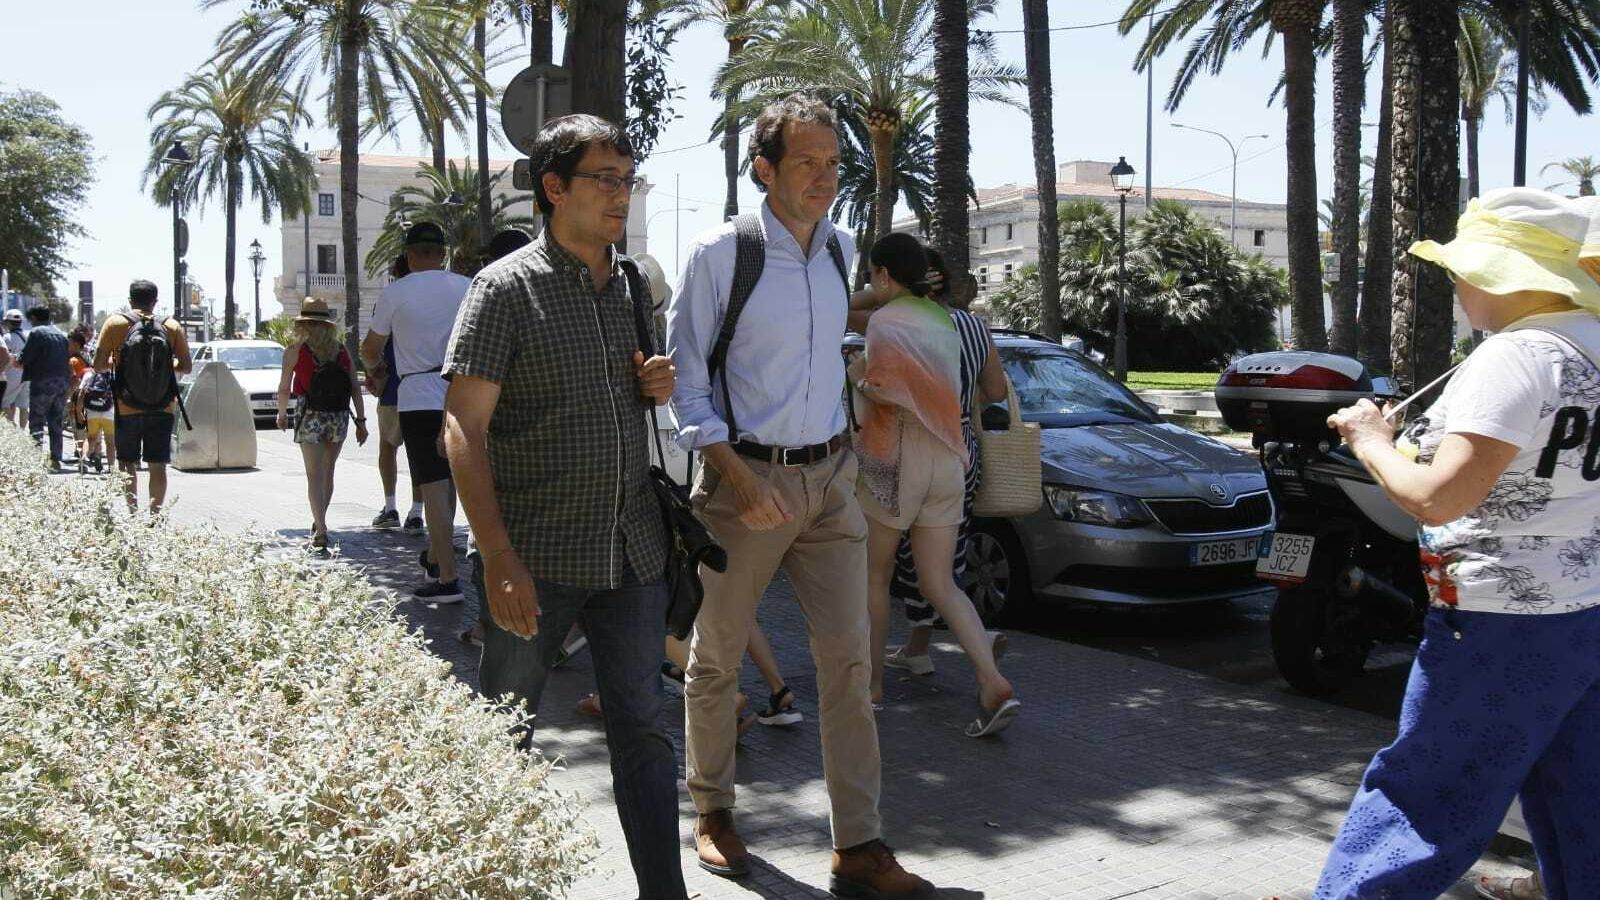 Marc Pons i Iago Negueruela de camí a la seu de la conselleria de vicepresidència